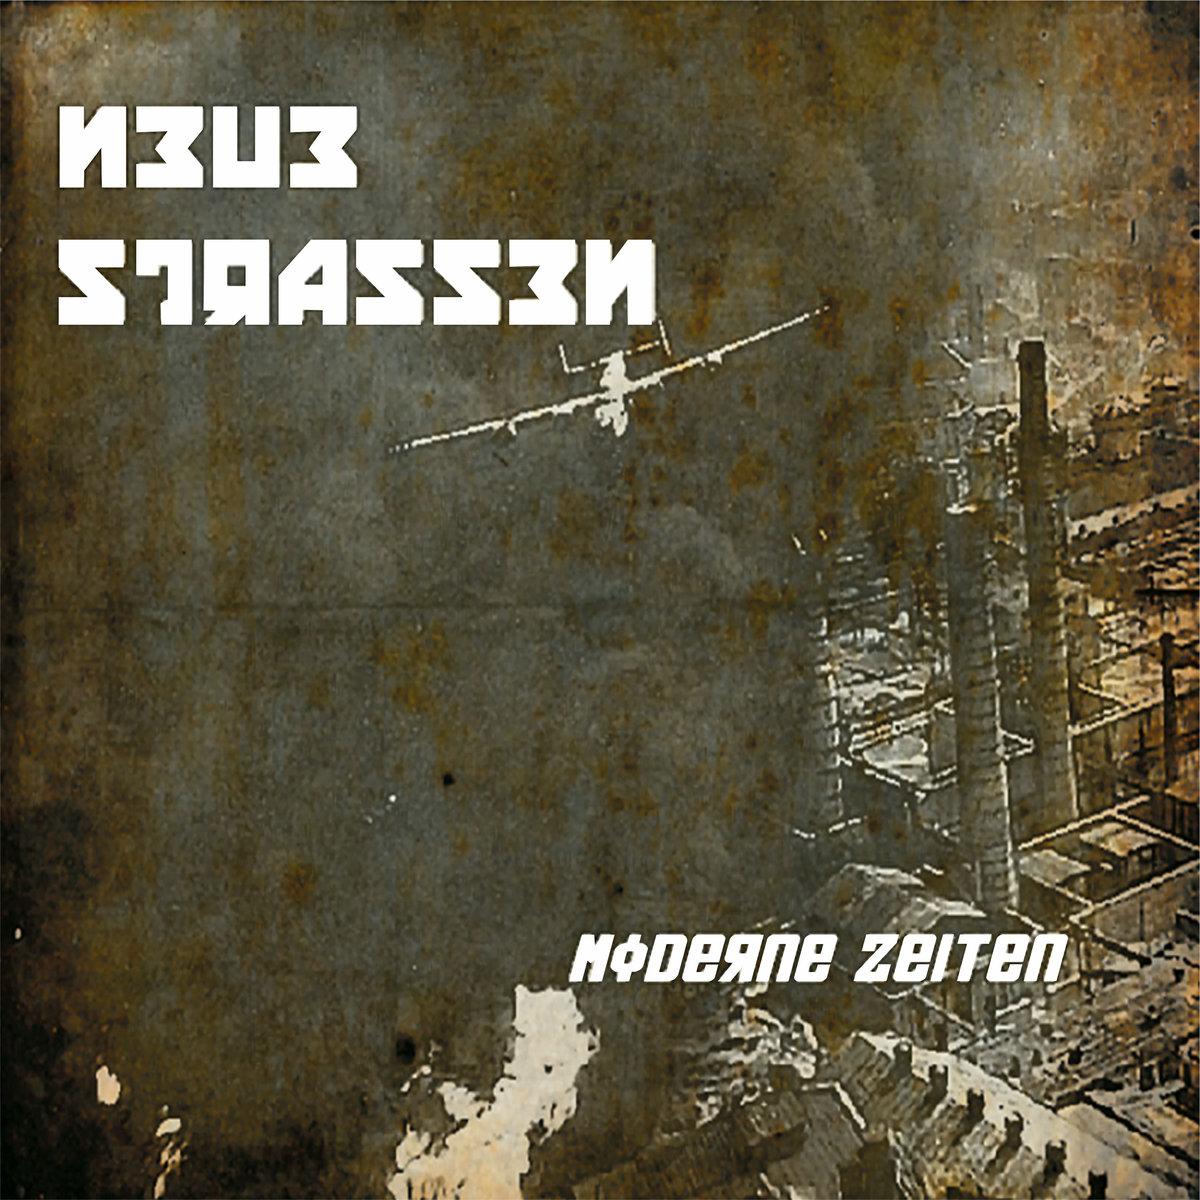 Neue Strassen - Moderne Zeiten (LP; 2017)